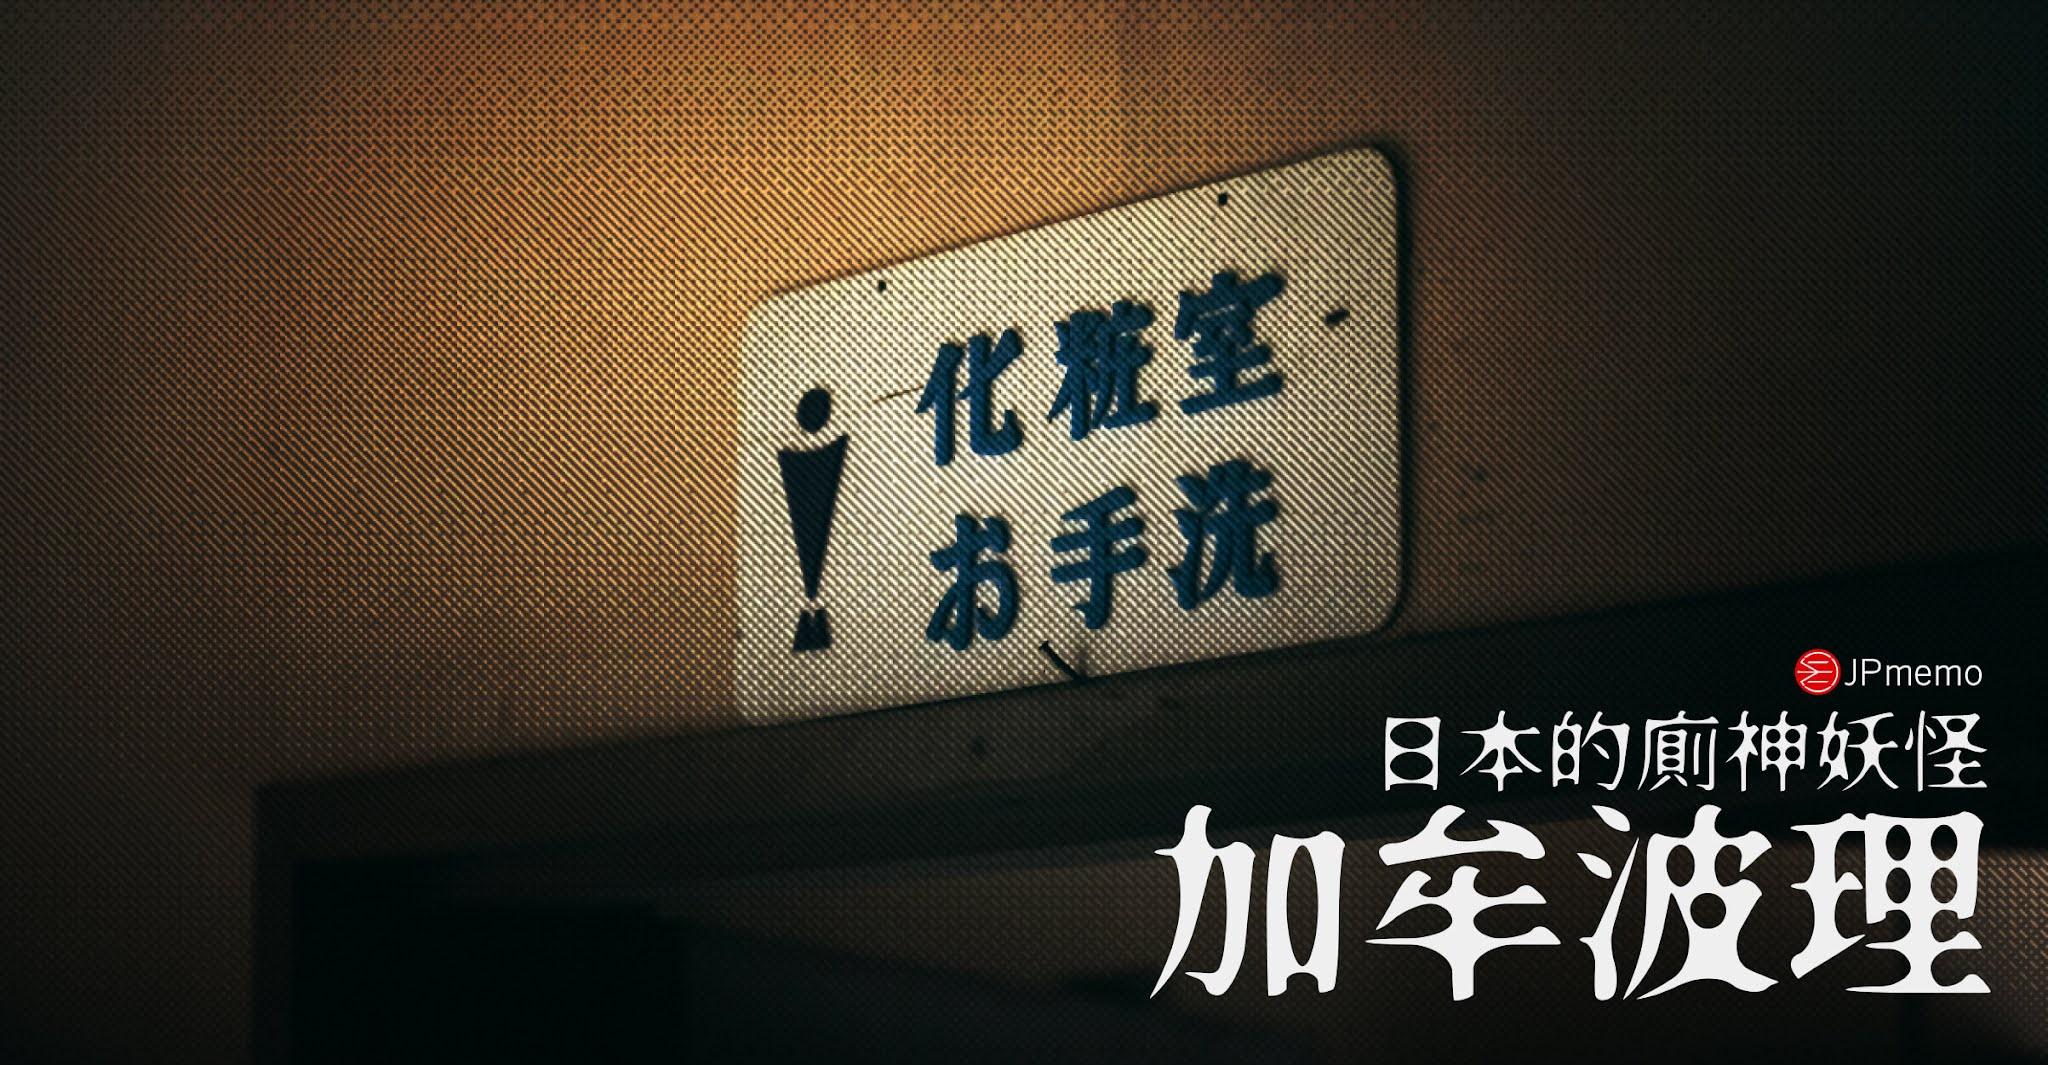 加牟波理、妖怪、日本、廁所、黃金